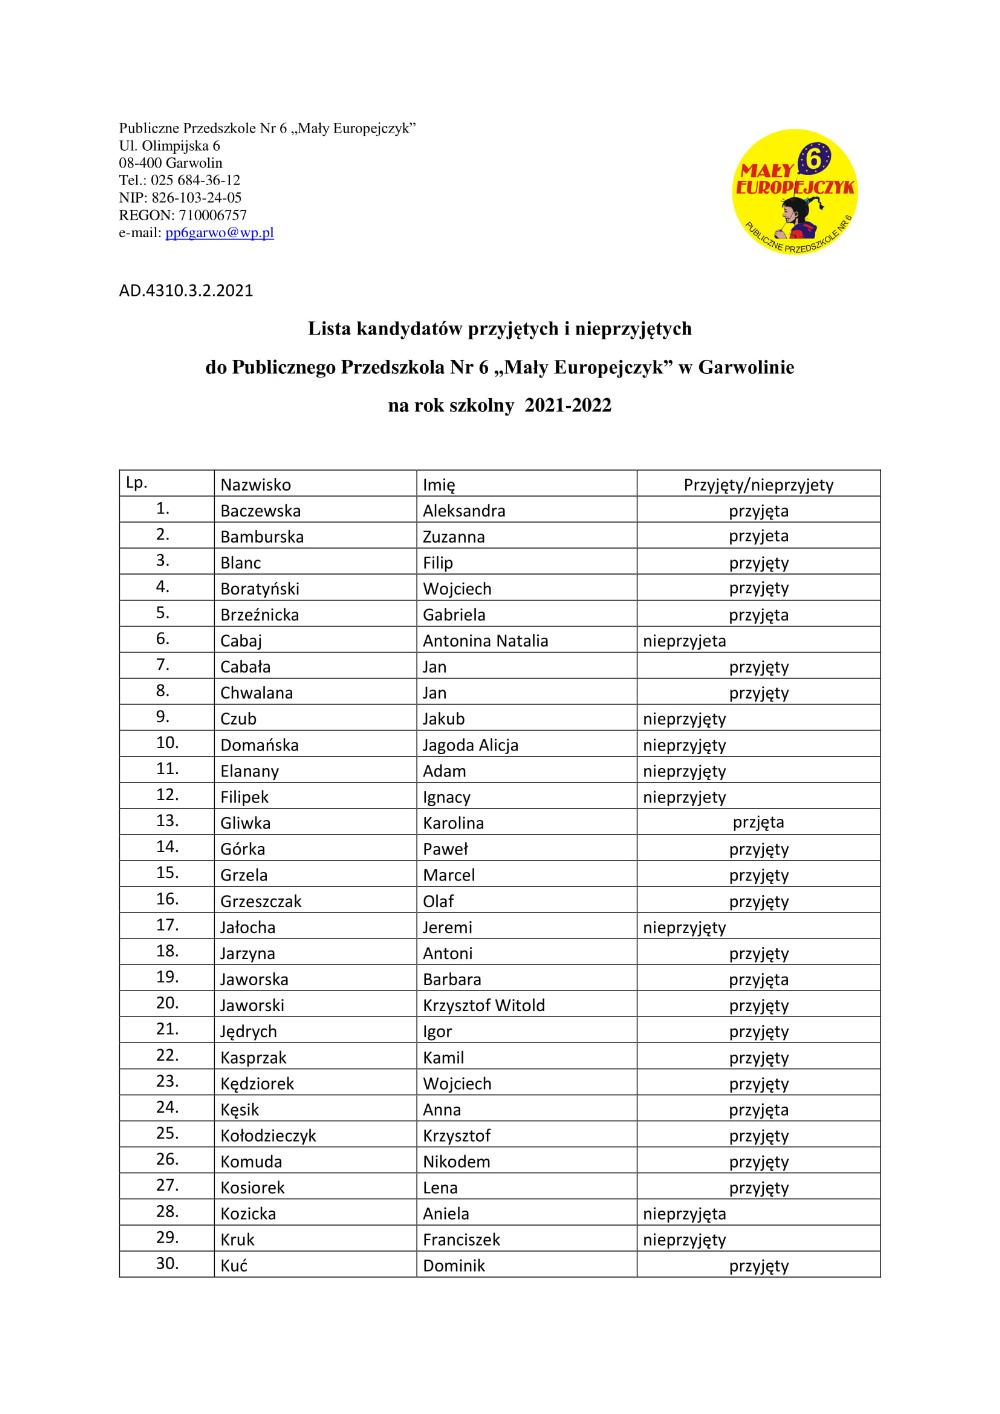 Lista dzieci przyjętych i nieprzyjetycg do PP6